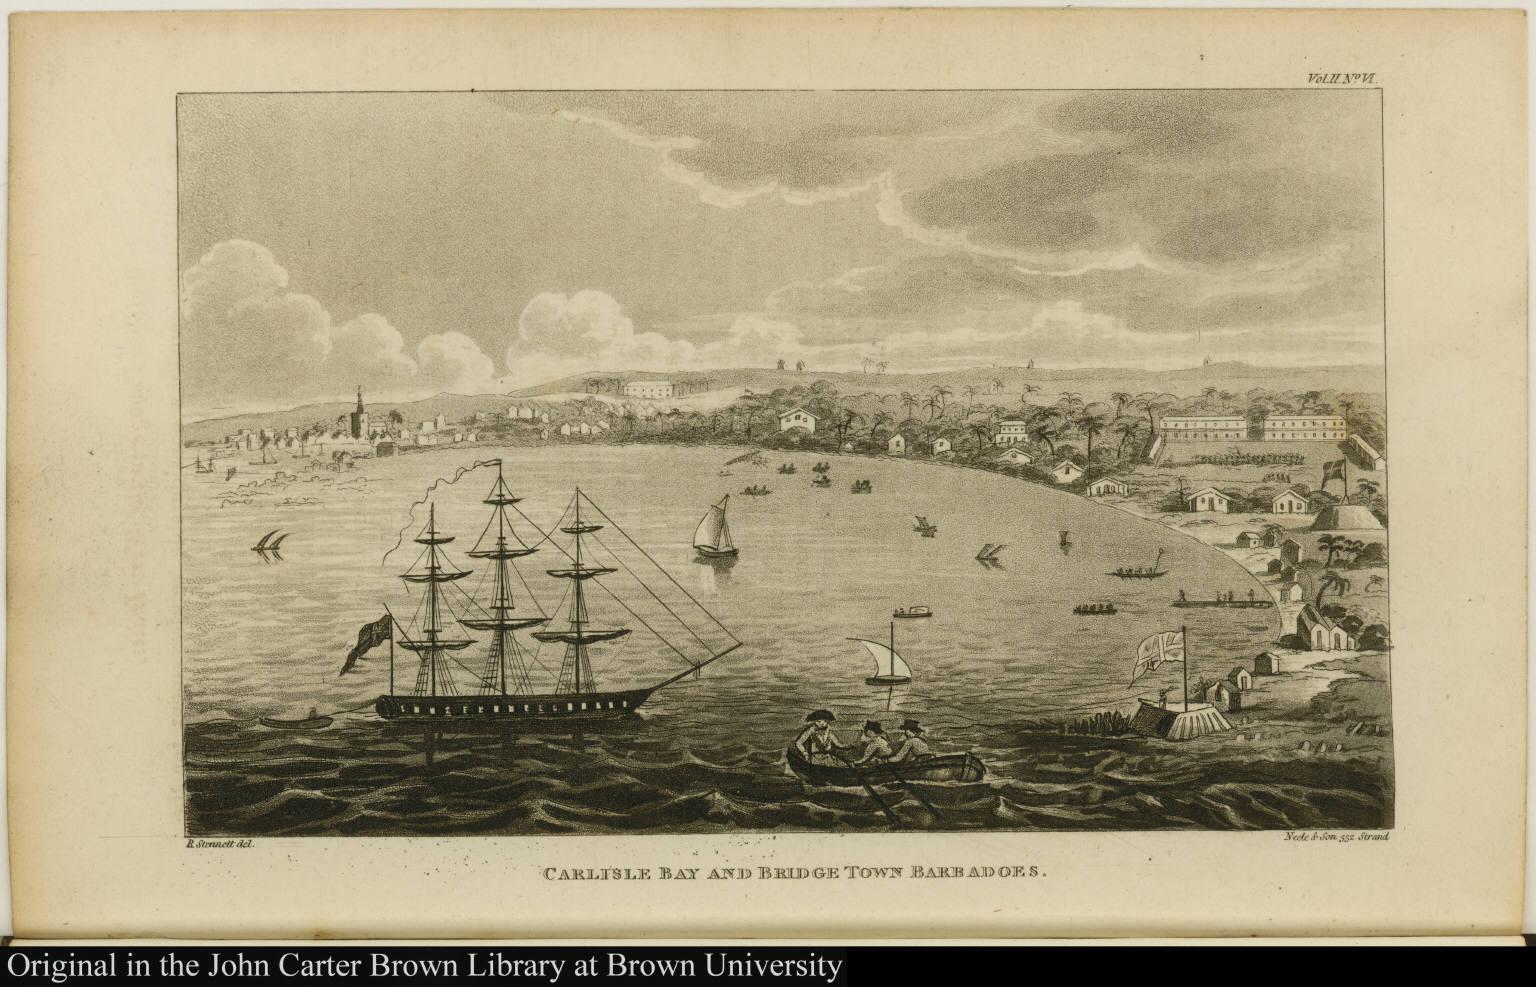 Carlisle Bay and Bridge Town Barbadoes.